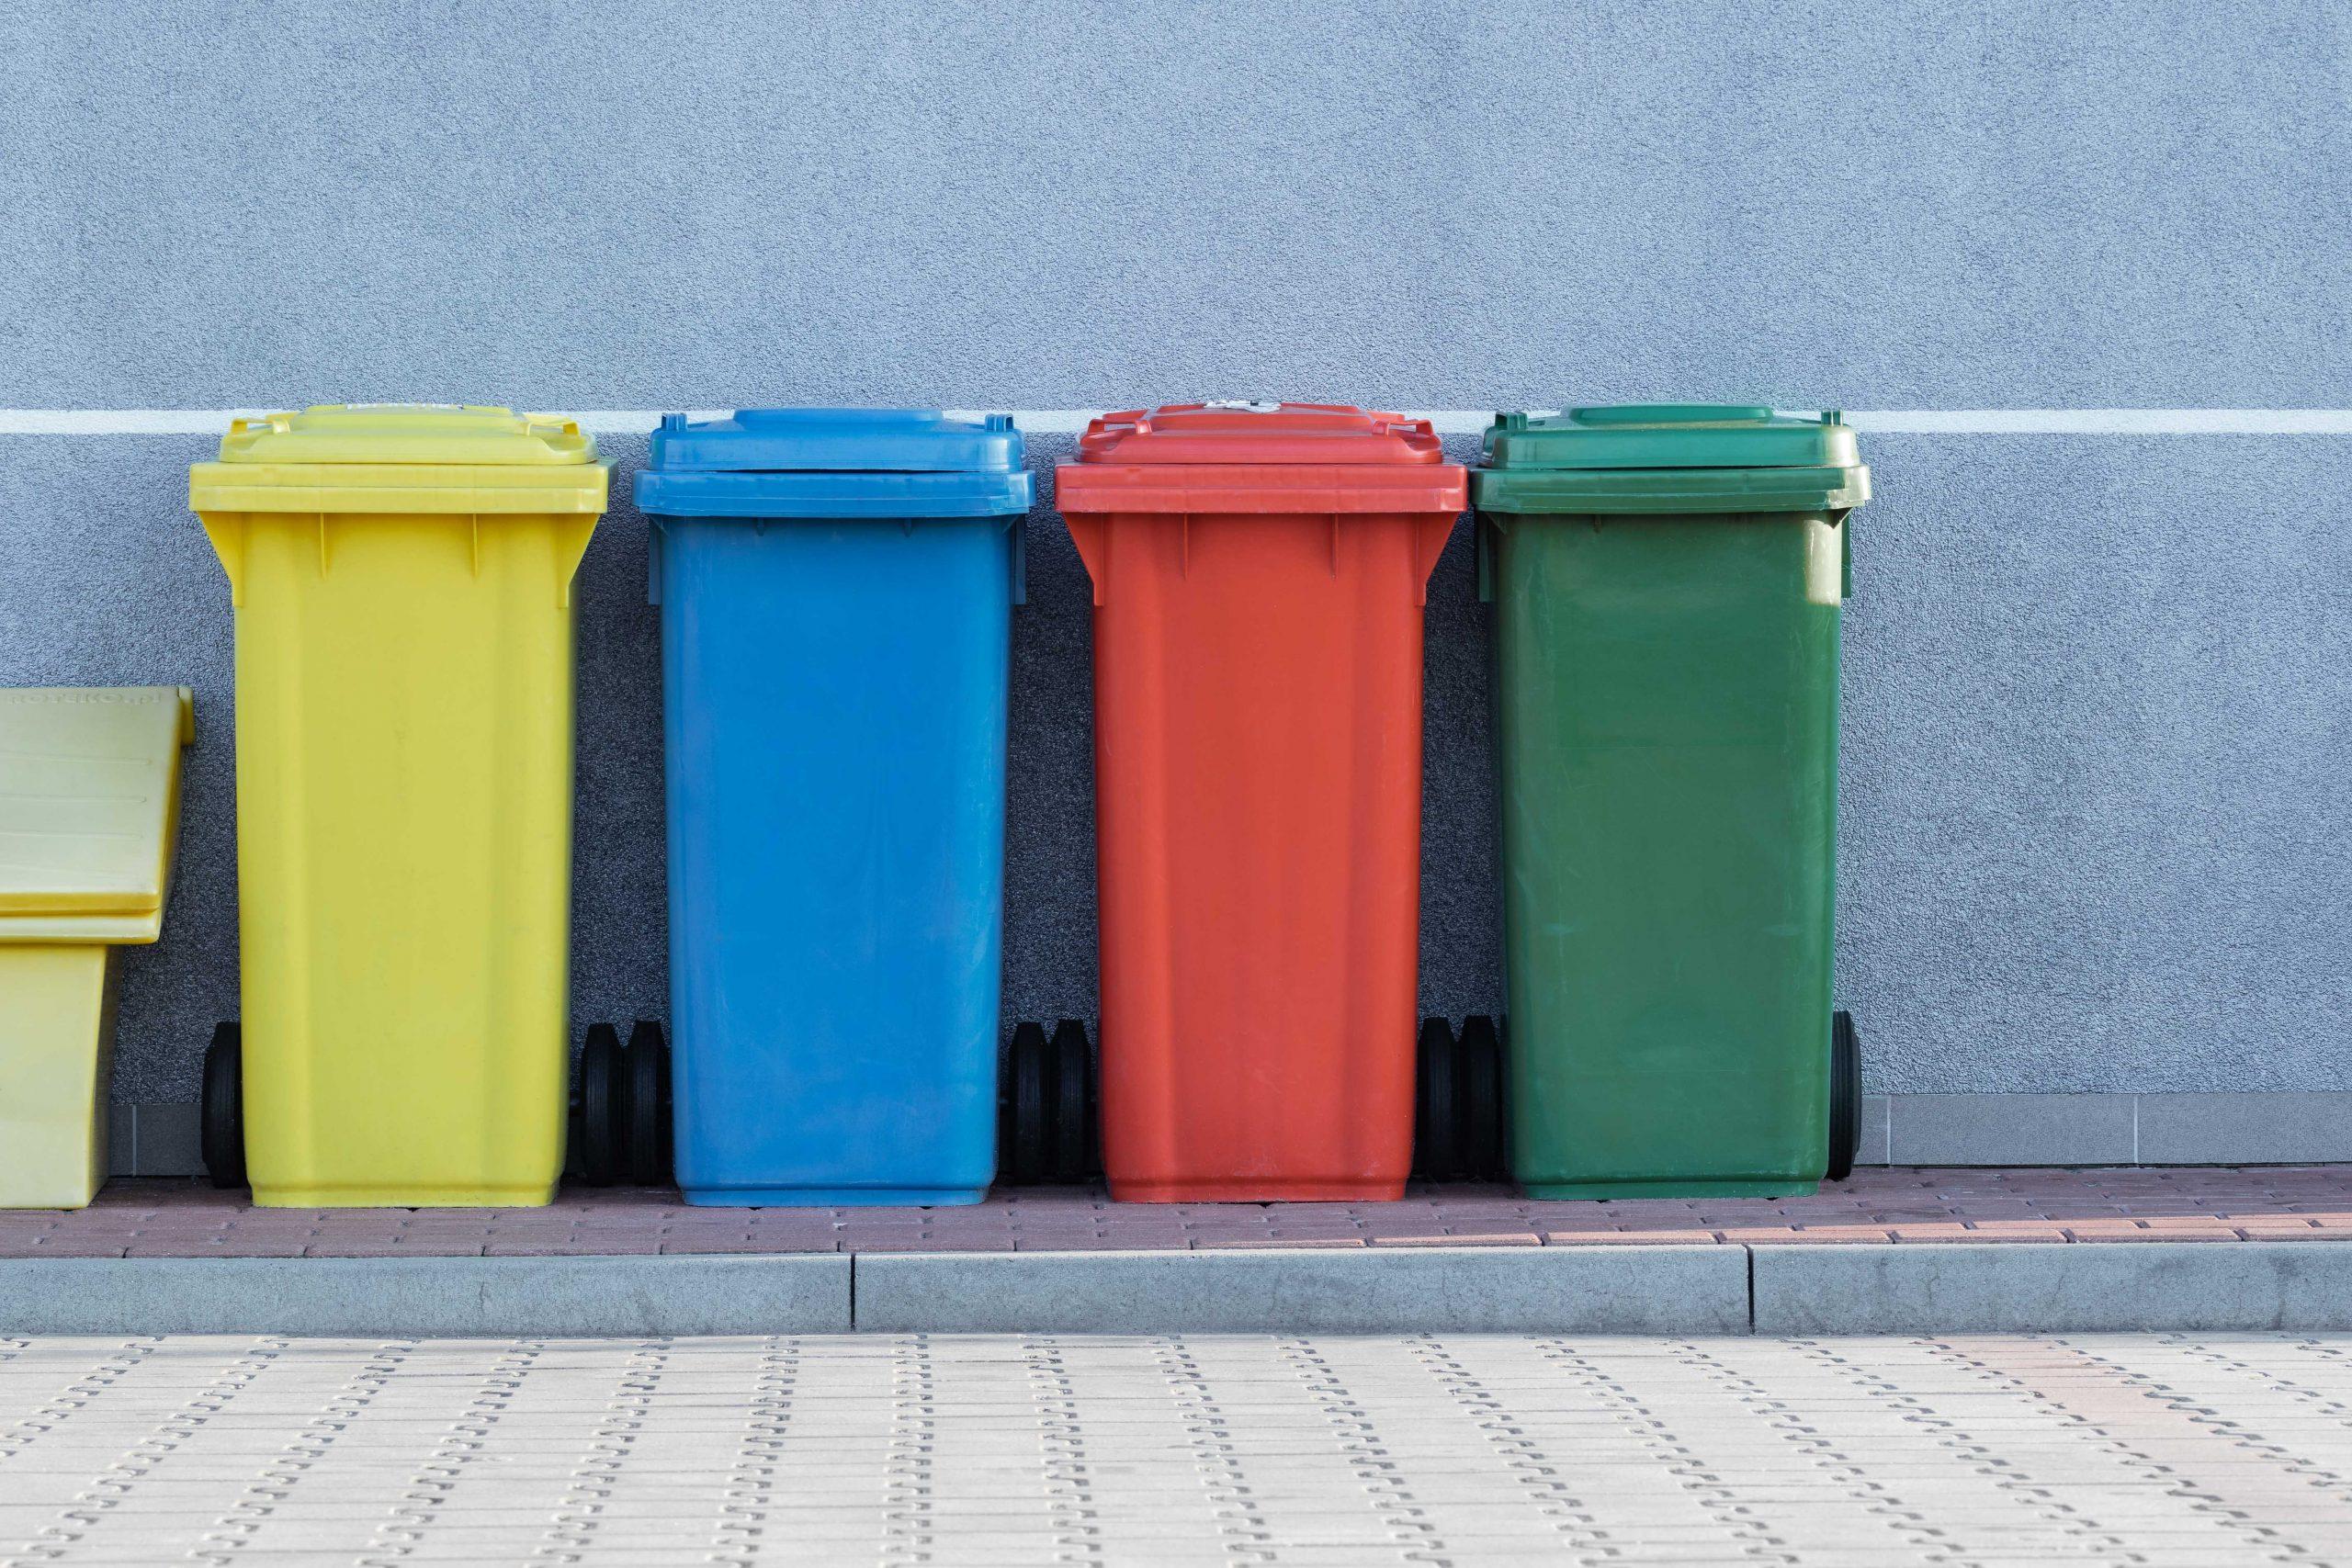 Bedrijfsafval scheiden doe je met de Afvalwijzer